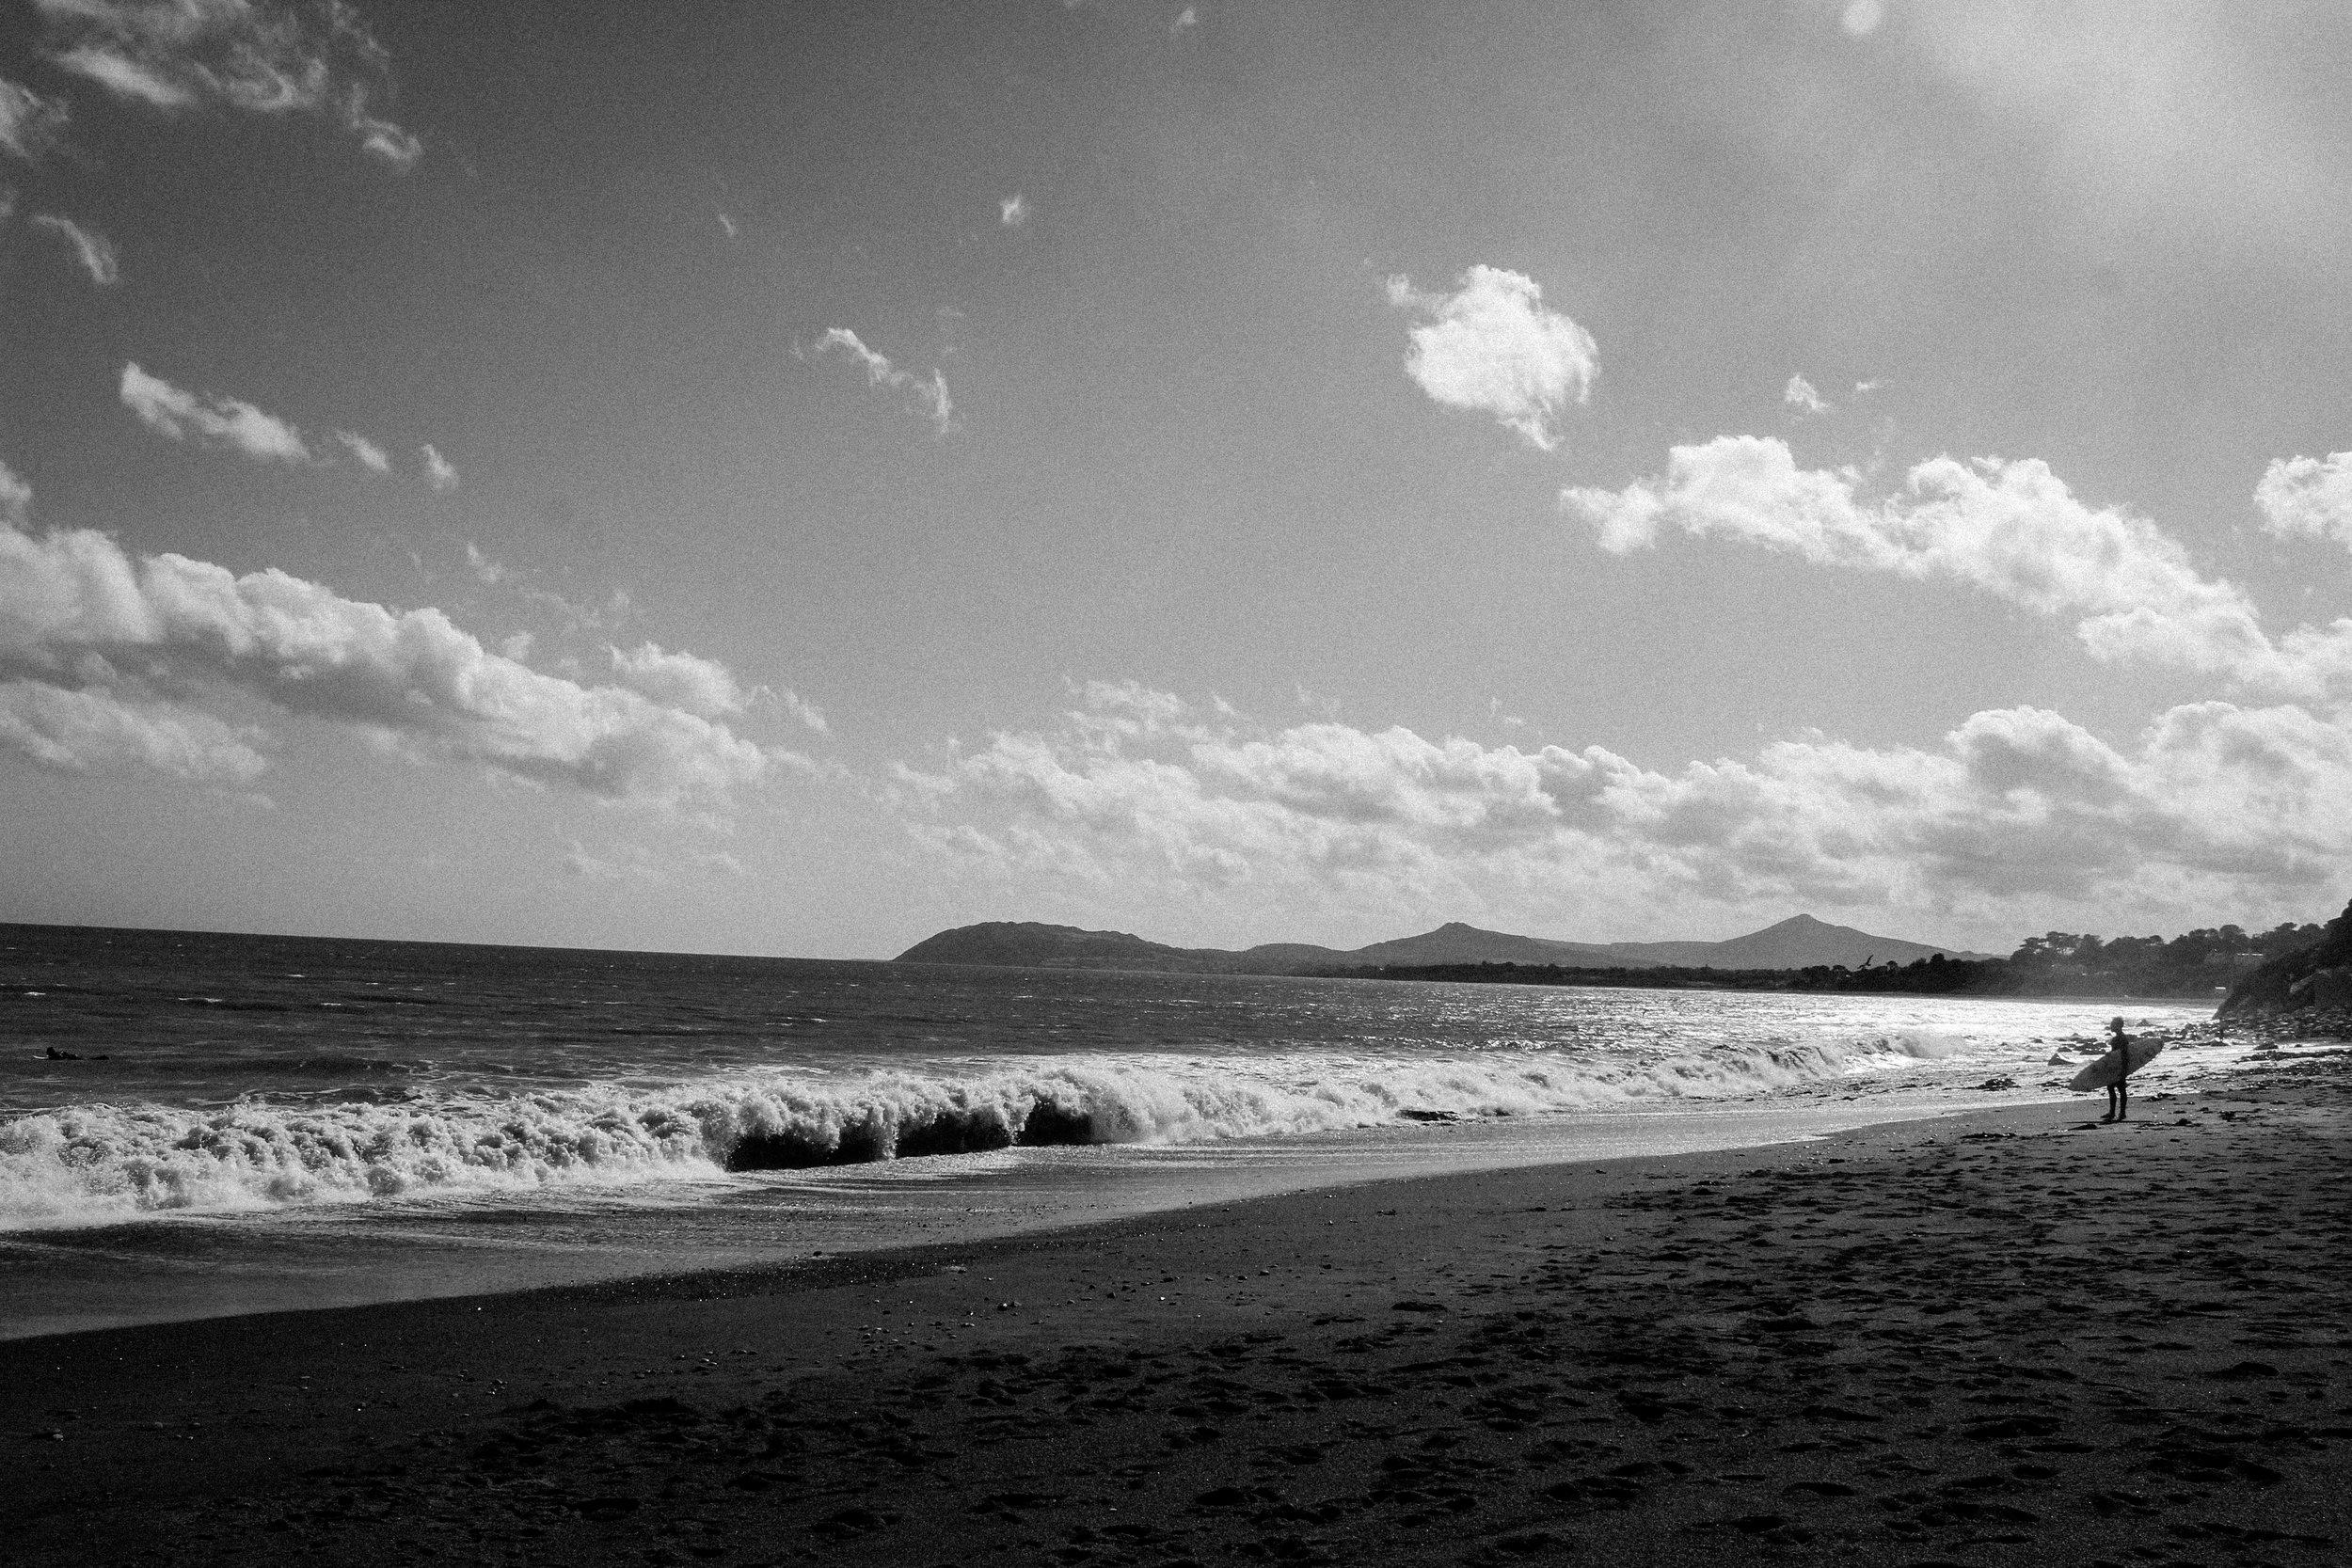 Waves east coast Ireland